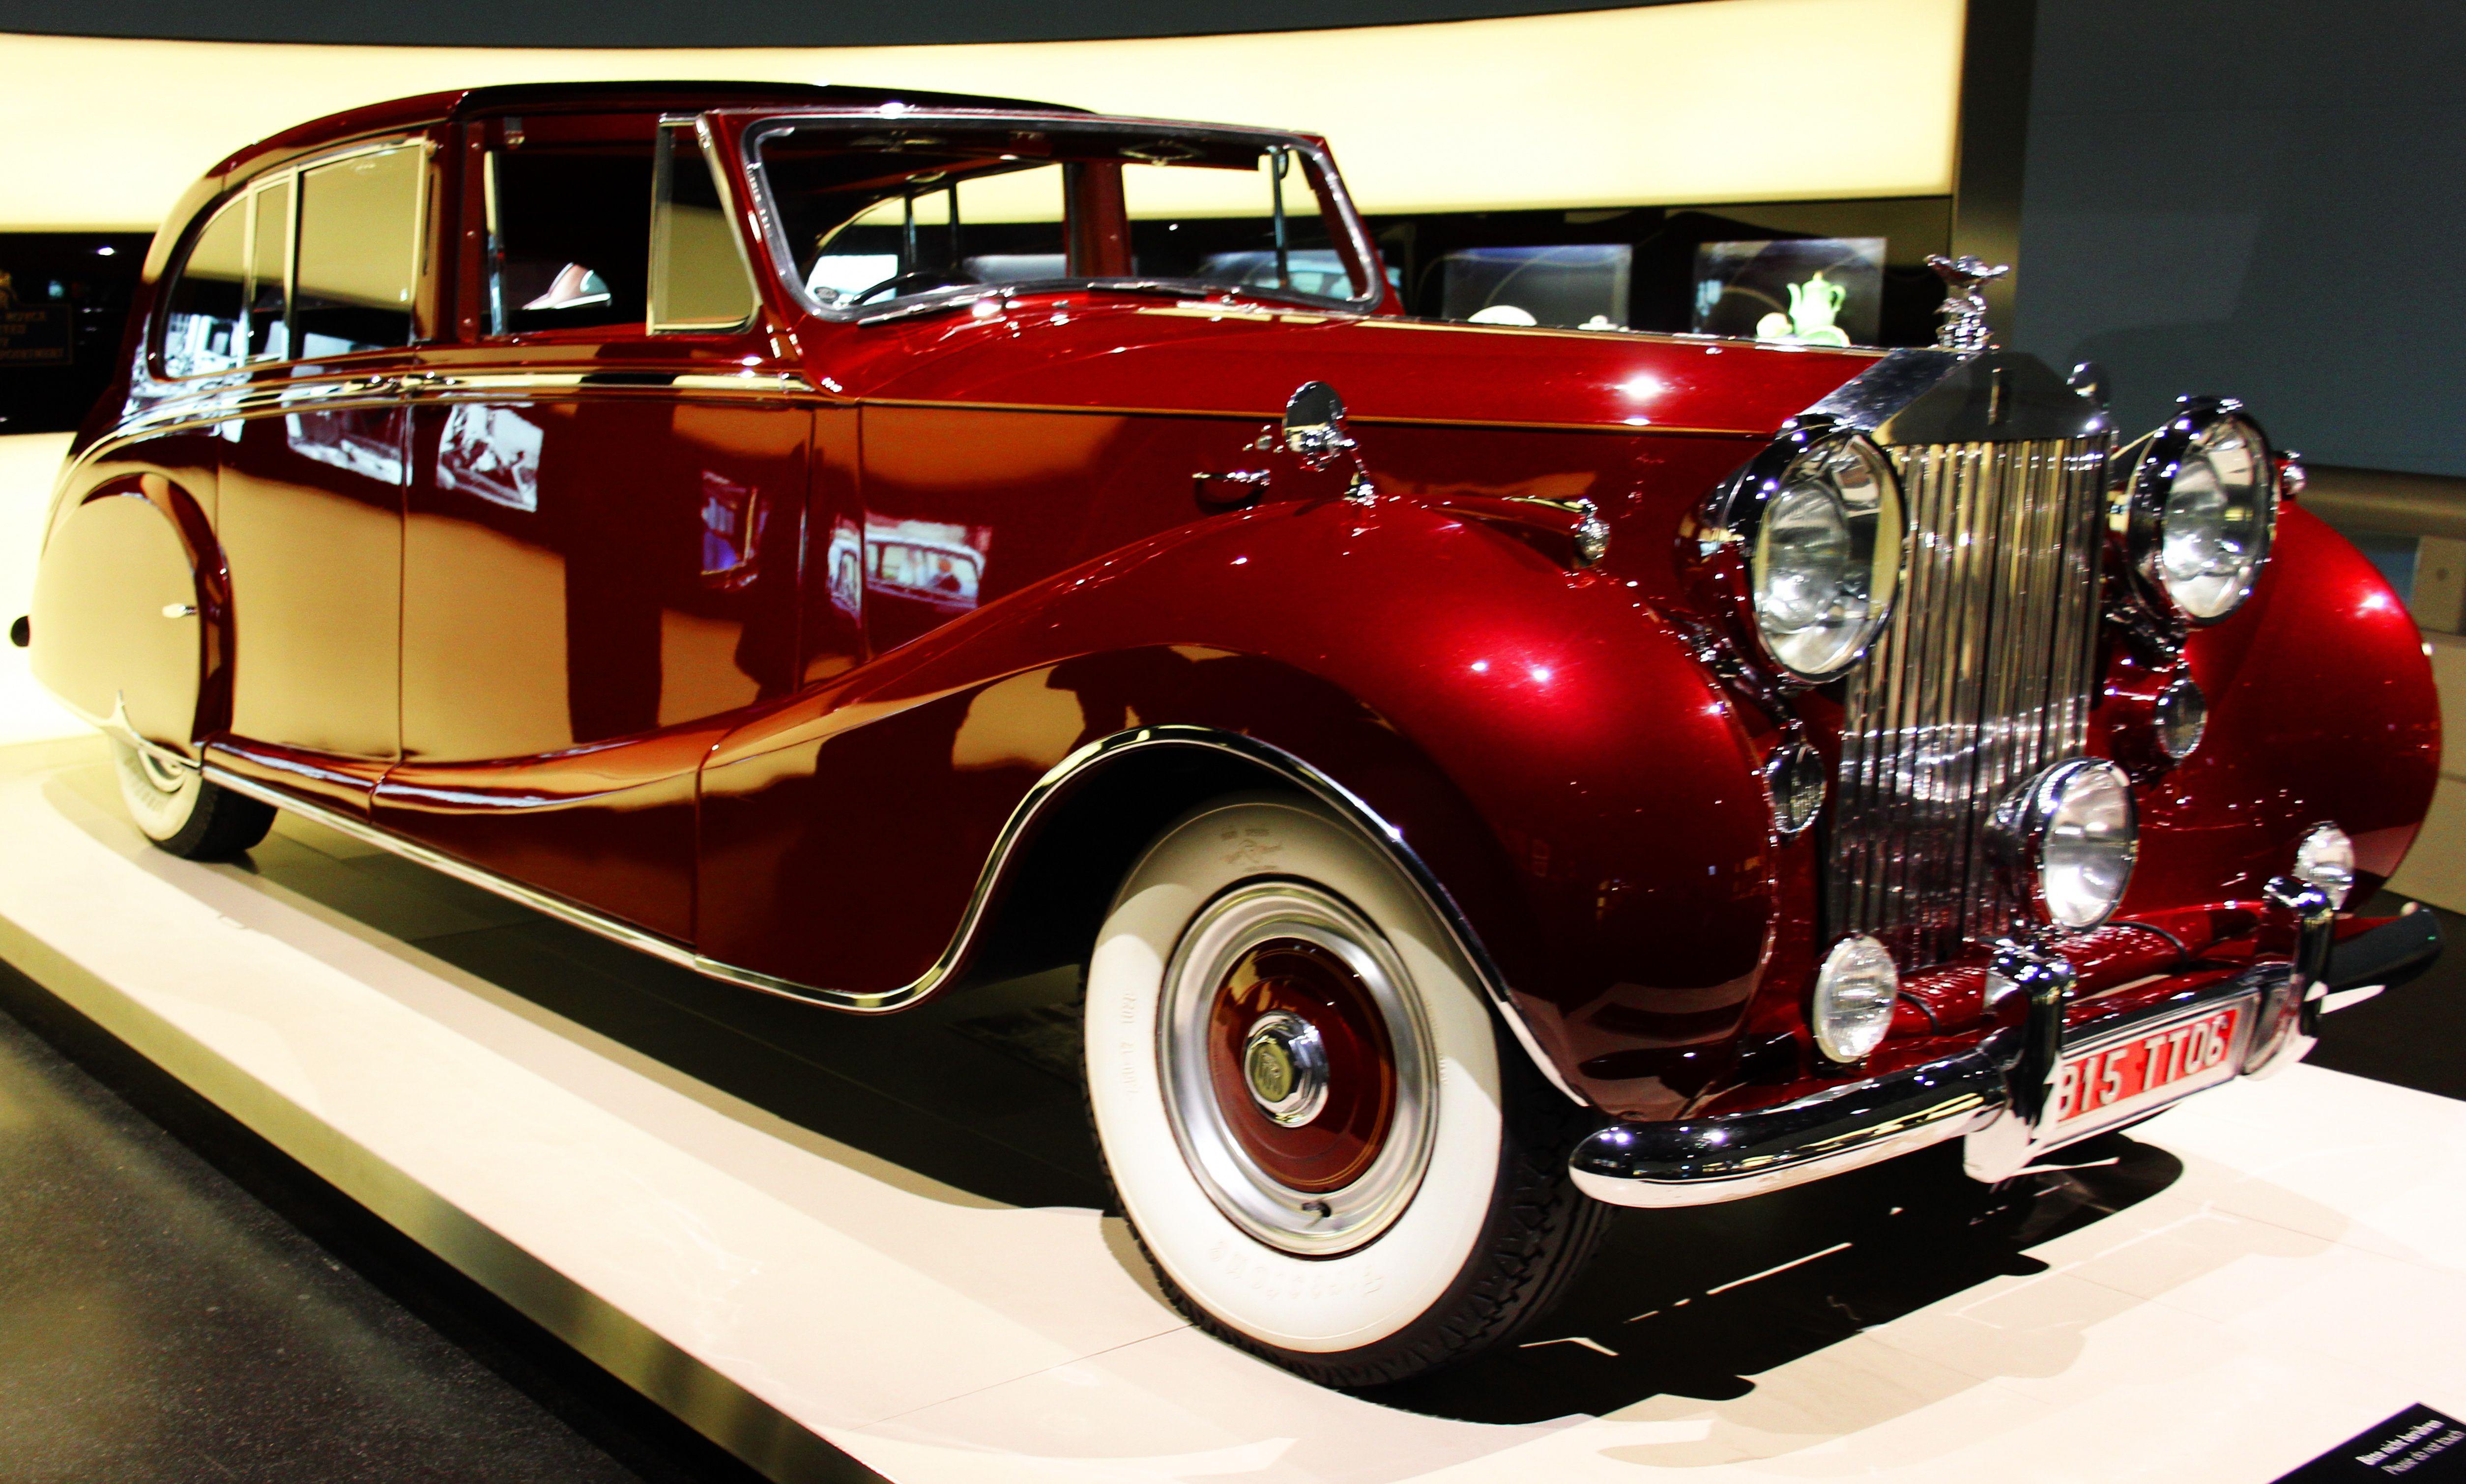 Luxury Vehicle Wikipedia The Free Encyclopedia 1950 Rolls Royce Rolls Royce Phantom Rolls Royce Rolls Royce Models